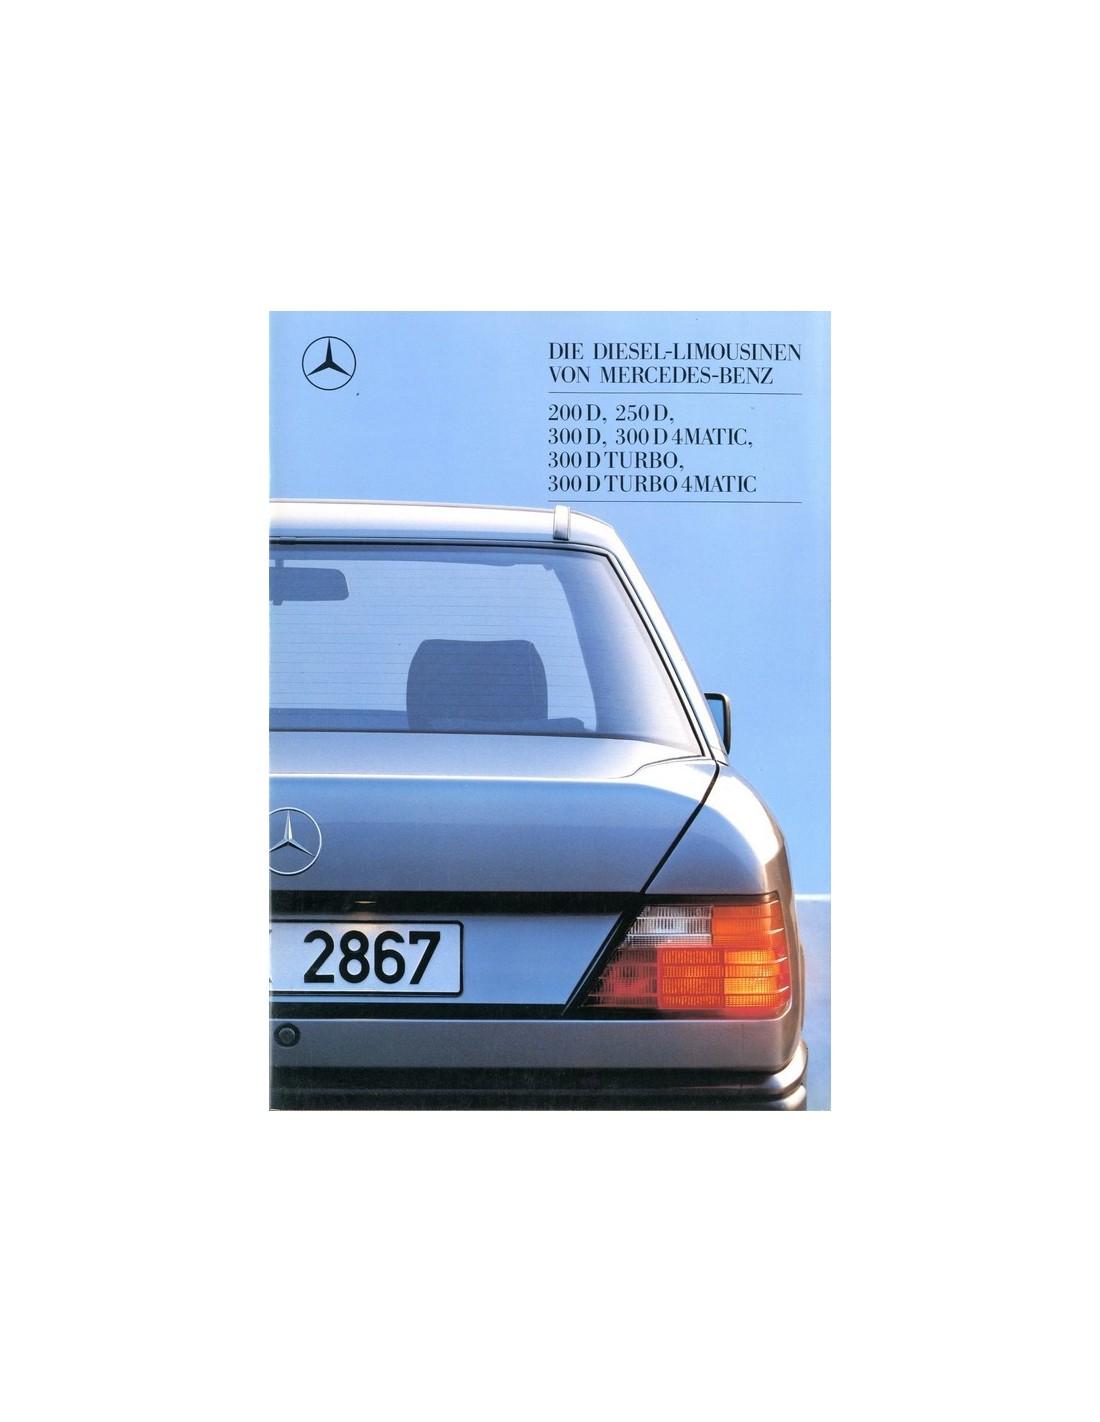 1988 mercedes benz e class diesel brochure german for Mercedes benz e class brochure